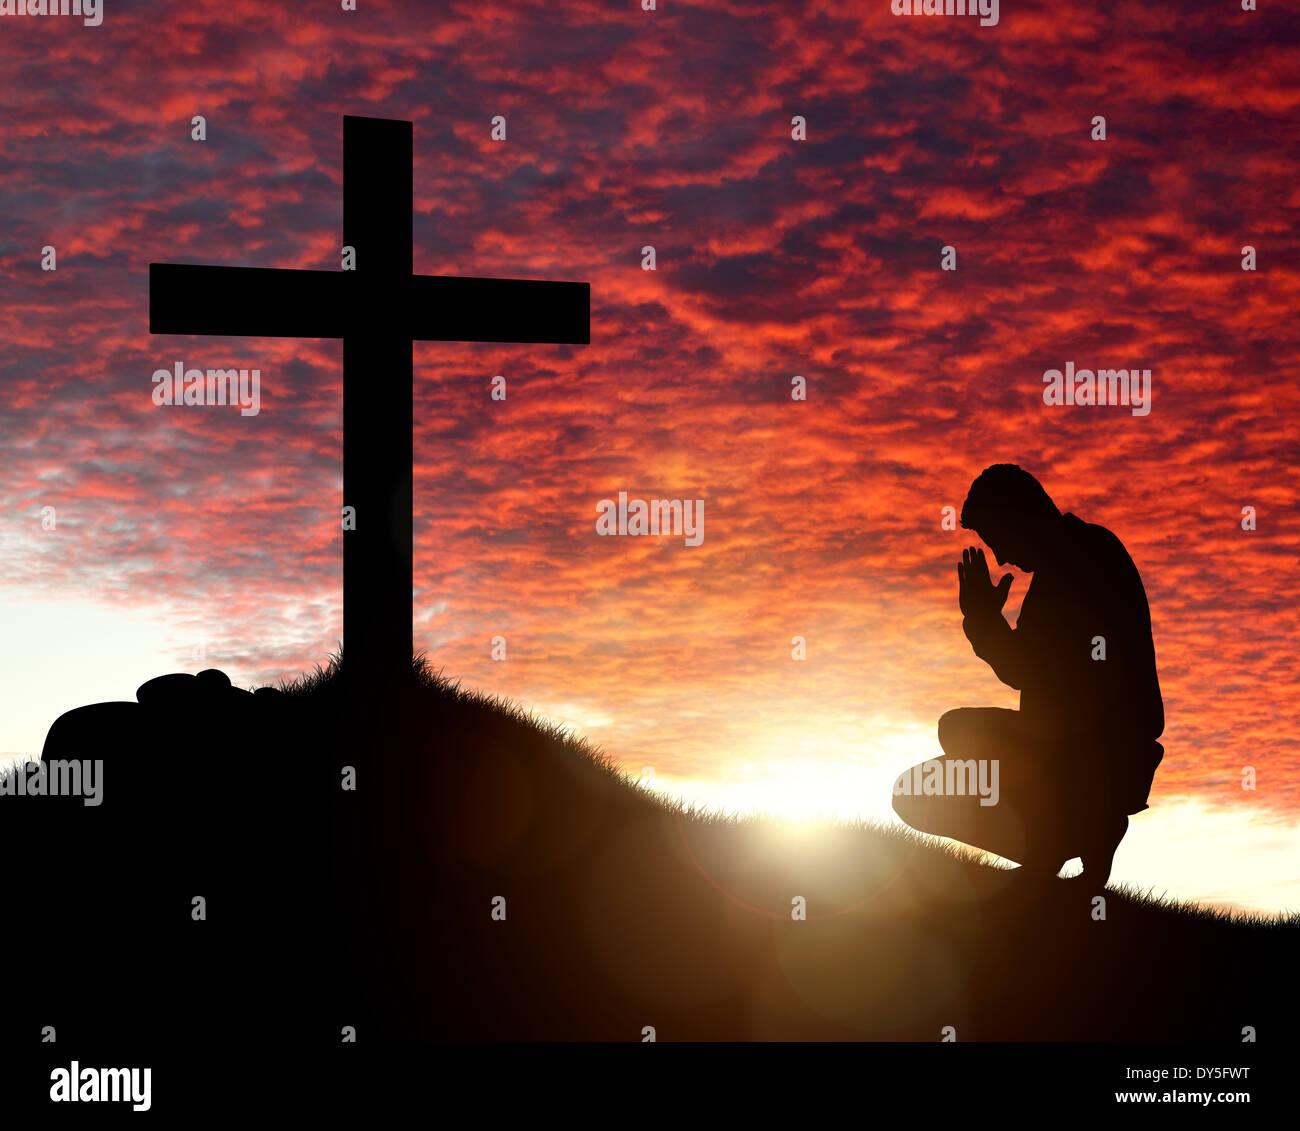 Le culte, l'amour et la spiritualité Photo Stock